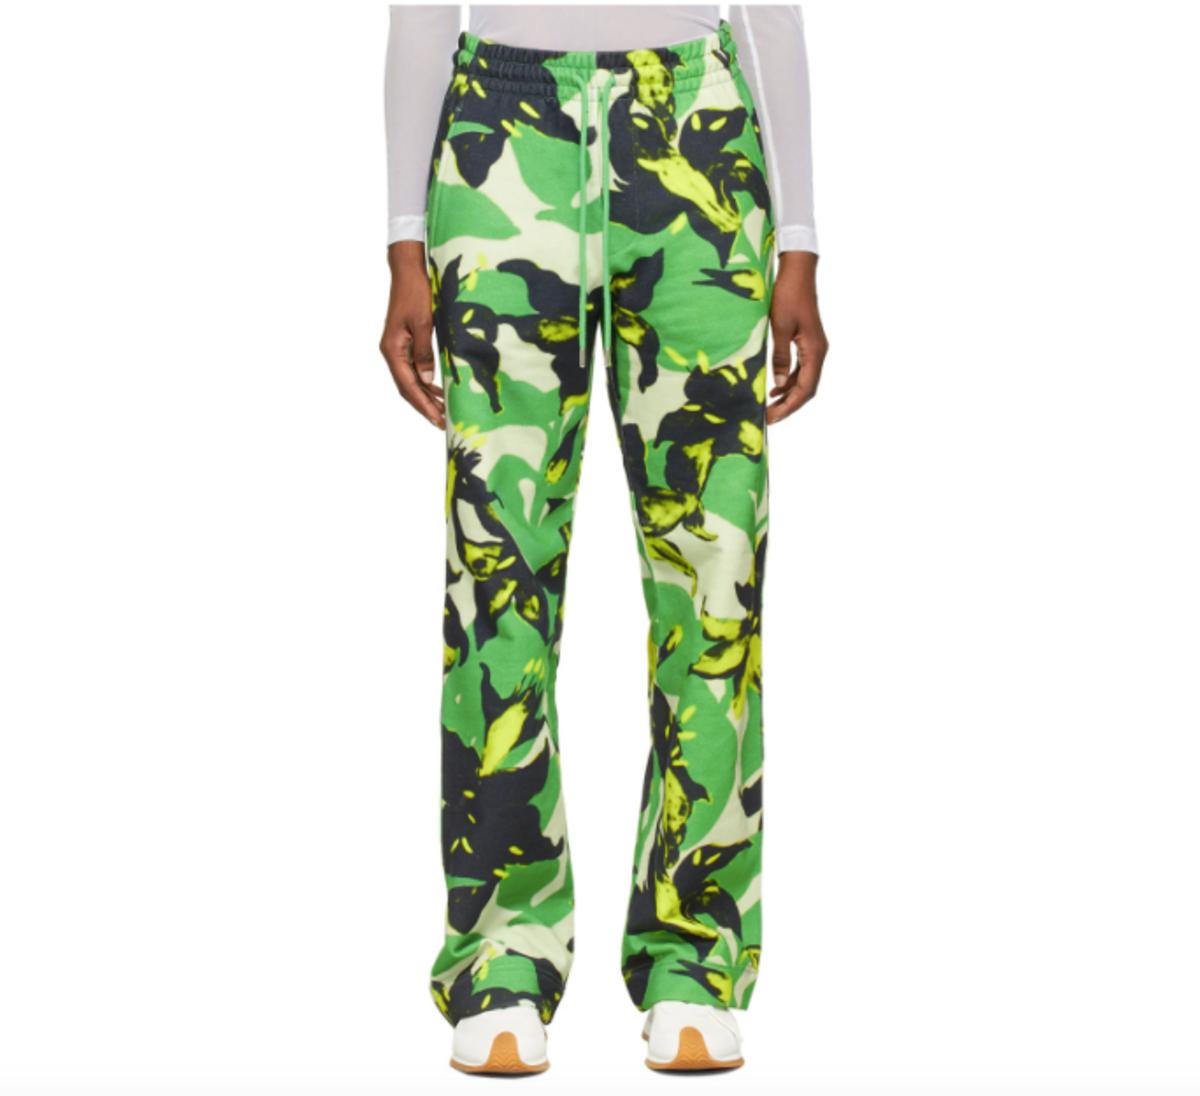 Len Lye Edition Floral Print Lounge Pants